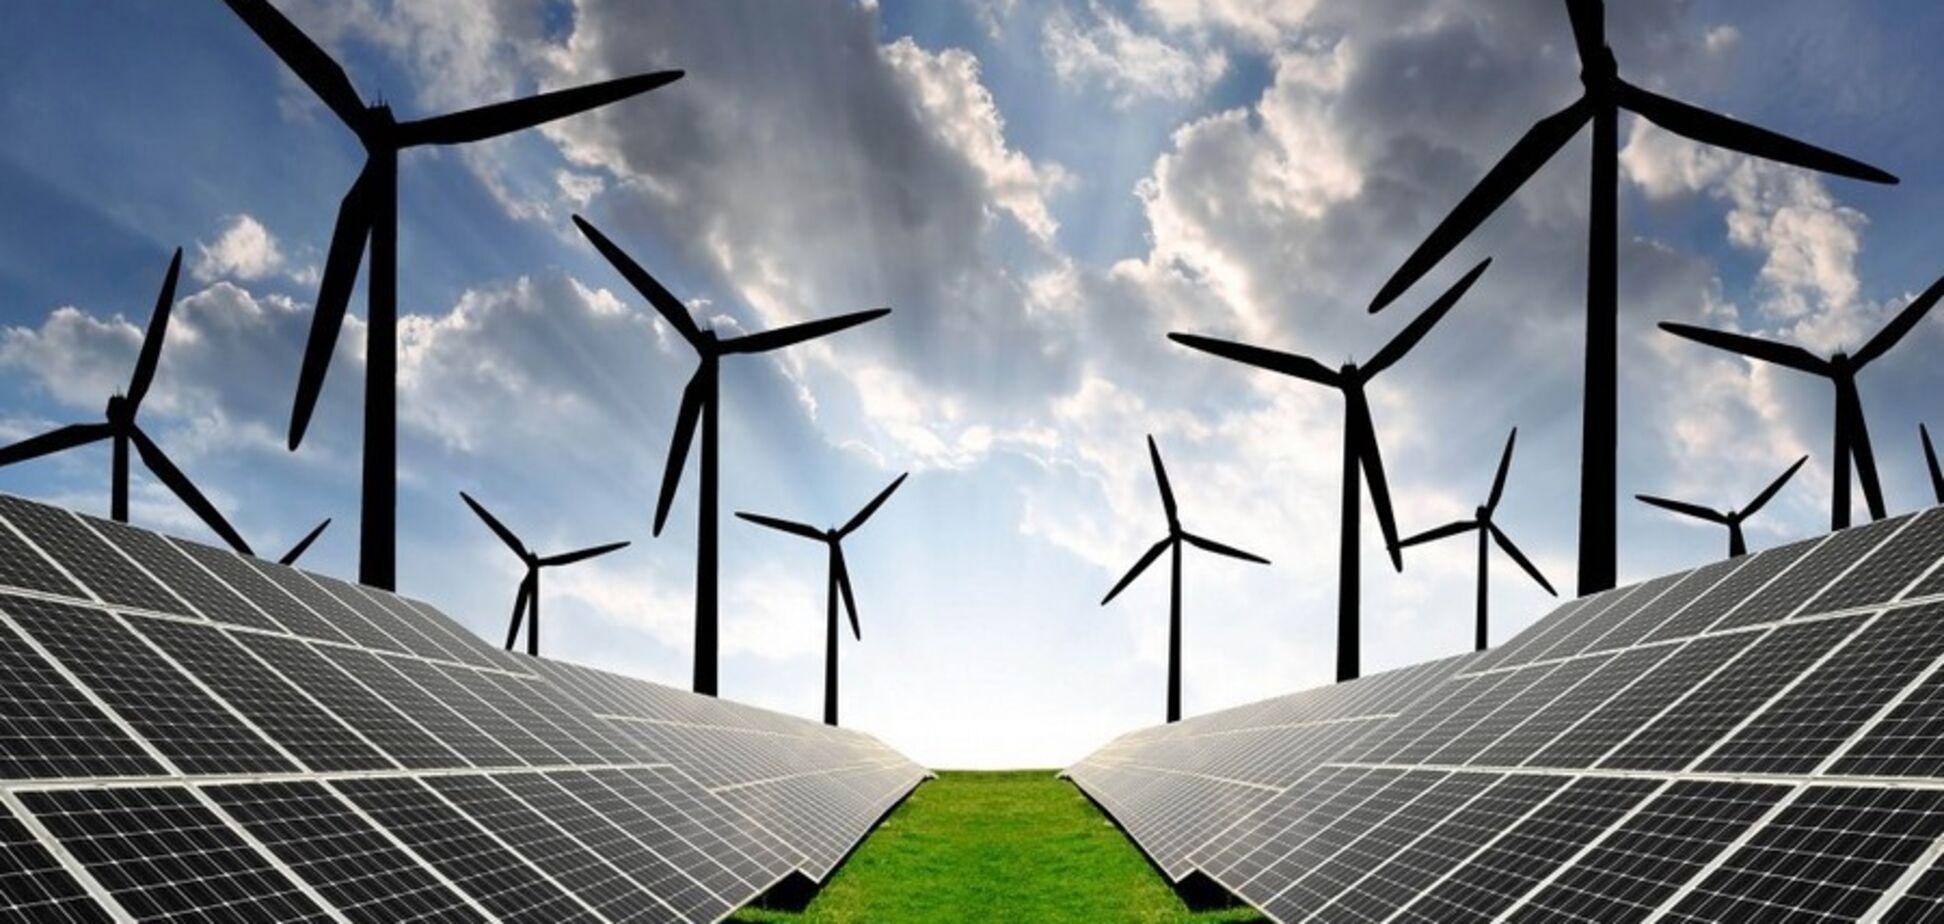 Движение к 'зеленой' экономике: без чего не произойдет 'зеленый' курс в Украине?